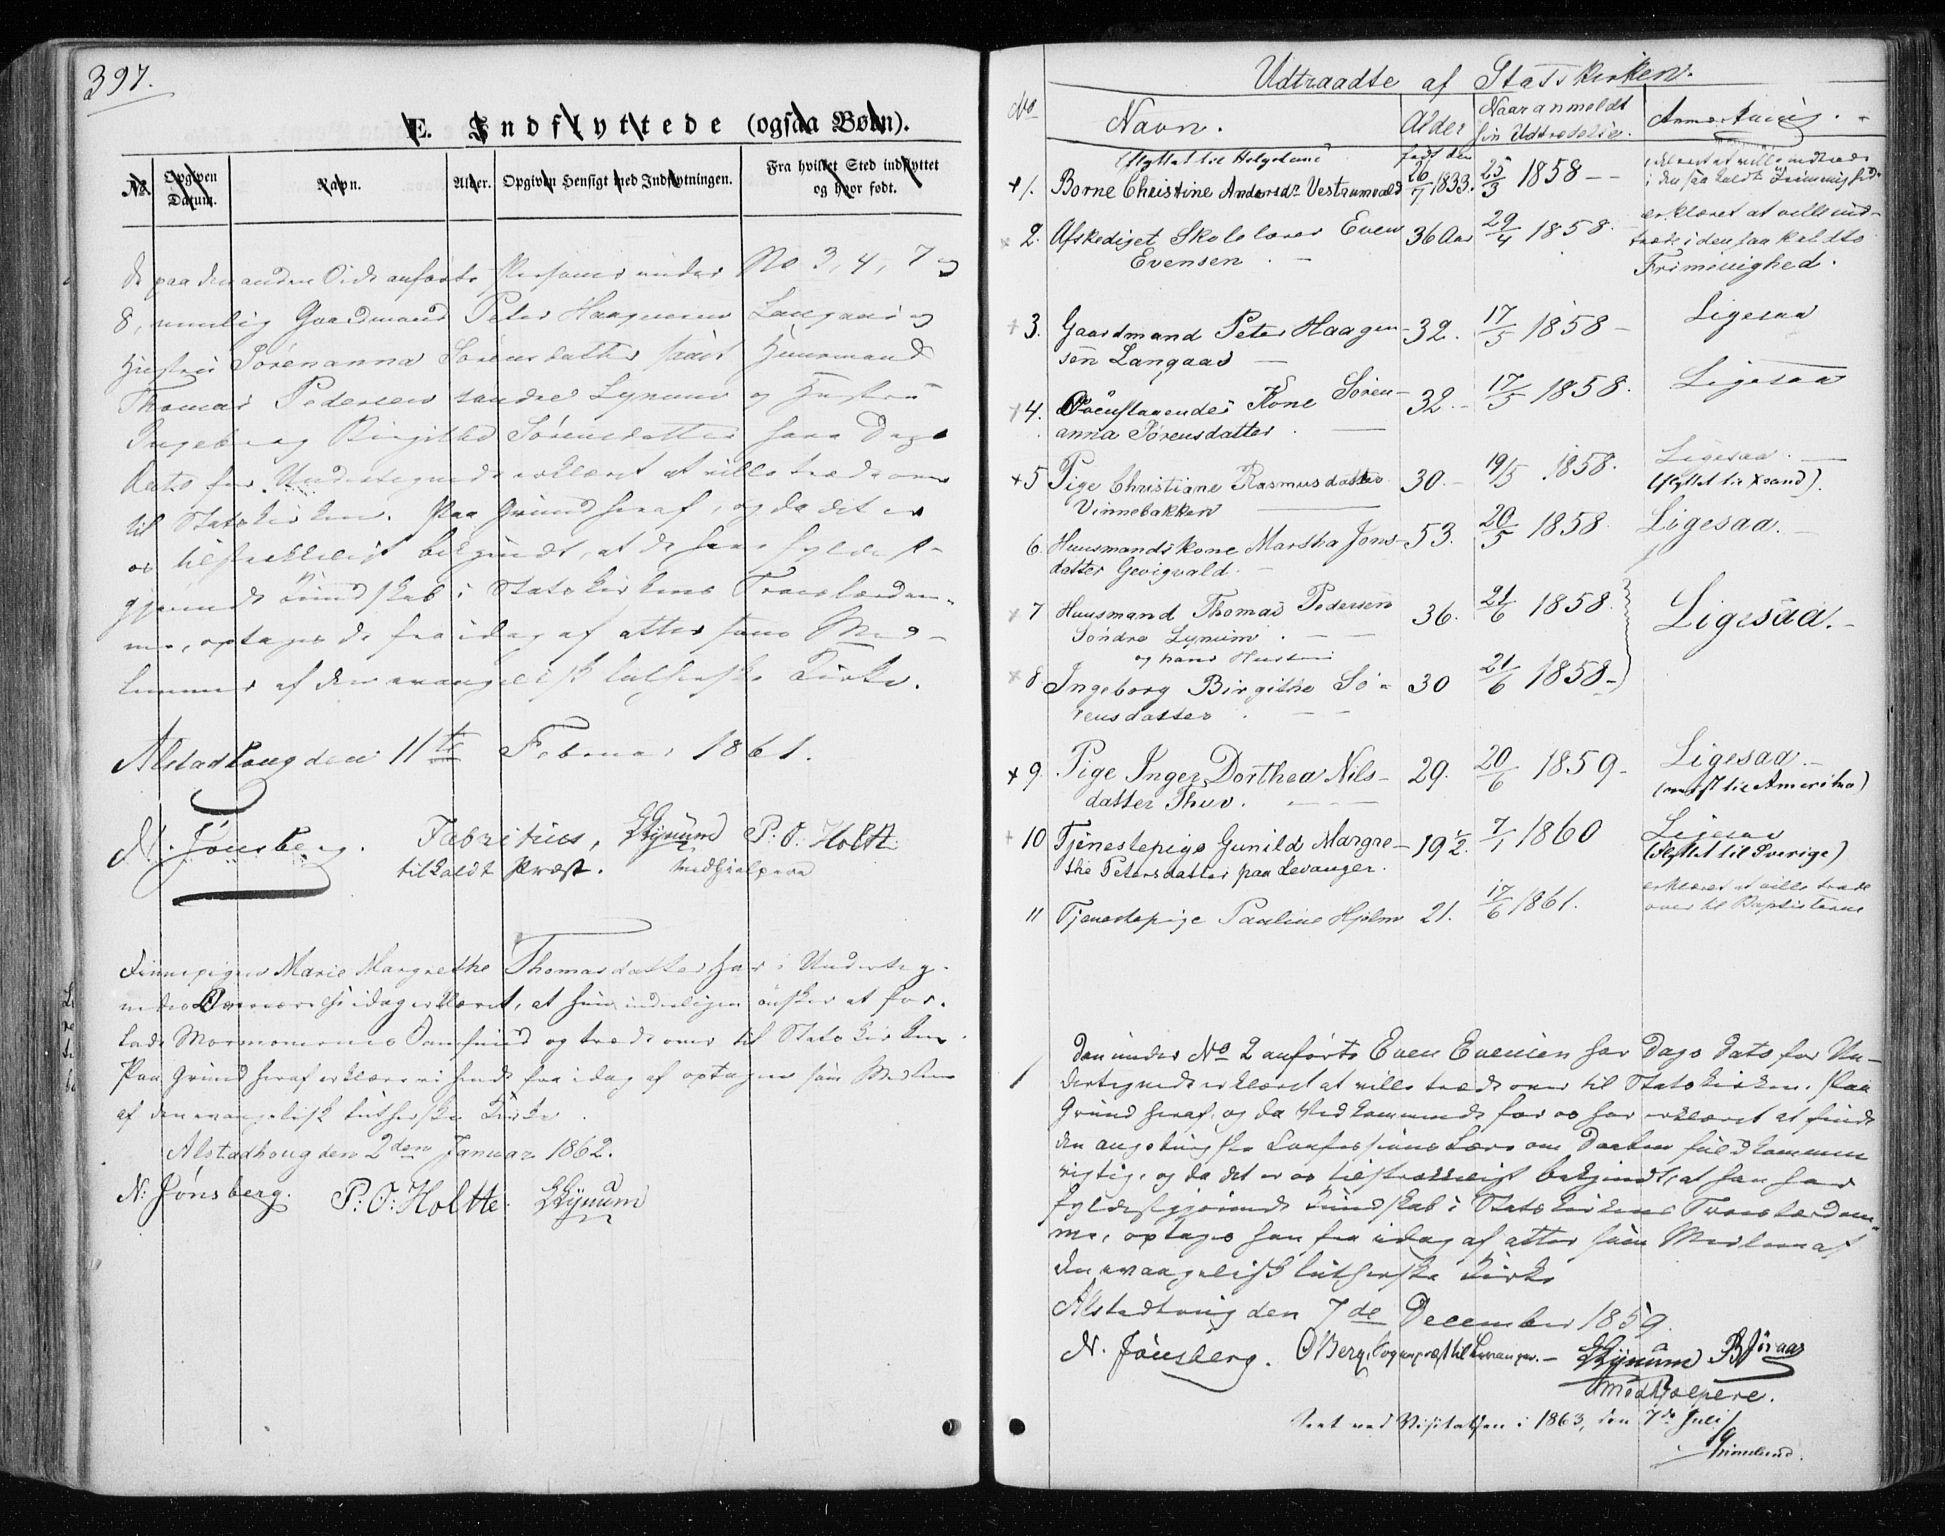 SAT, Ministerialprotokoller, klokkerbøker og fødselsregistre - Nord-Trøndelag, 717/L0154: Ministerialbok nr. 717A07 /1, 1850-1862, s. 397